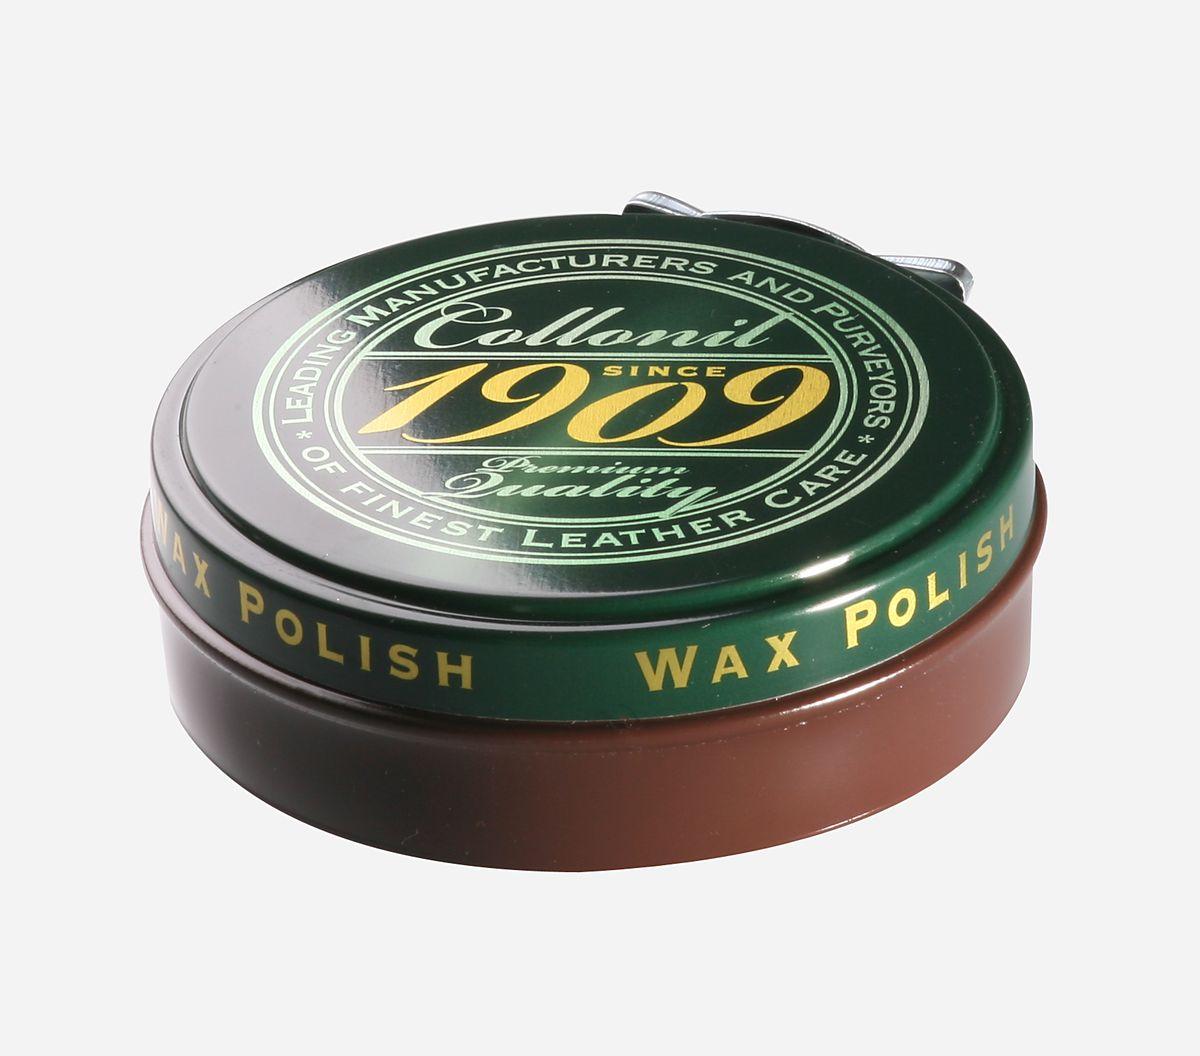 Воск для обуви Collonil Wax Polish, цвет: светло-коричневый, 75 млMW-3101Высококачественный твердый воск Collonil Wax Polish подходит для всех видов гладкой кожи. Комплексное сочетание шести видов восков, в том числе натурального пчелиного воска, насыщает кожу питательными веществами, заботится о сохранении ее качества и ухоженного внешнего вида. После полировки придает обуви роскошный блеск и сияние. Применяется для финишной обработки изделия.Объем: 75 мл. Товар сертифицирован.